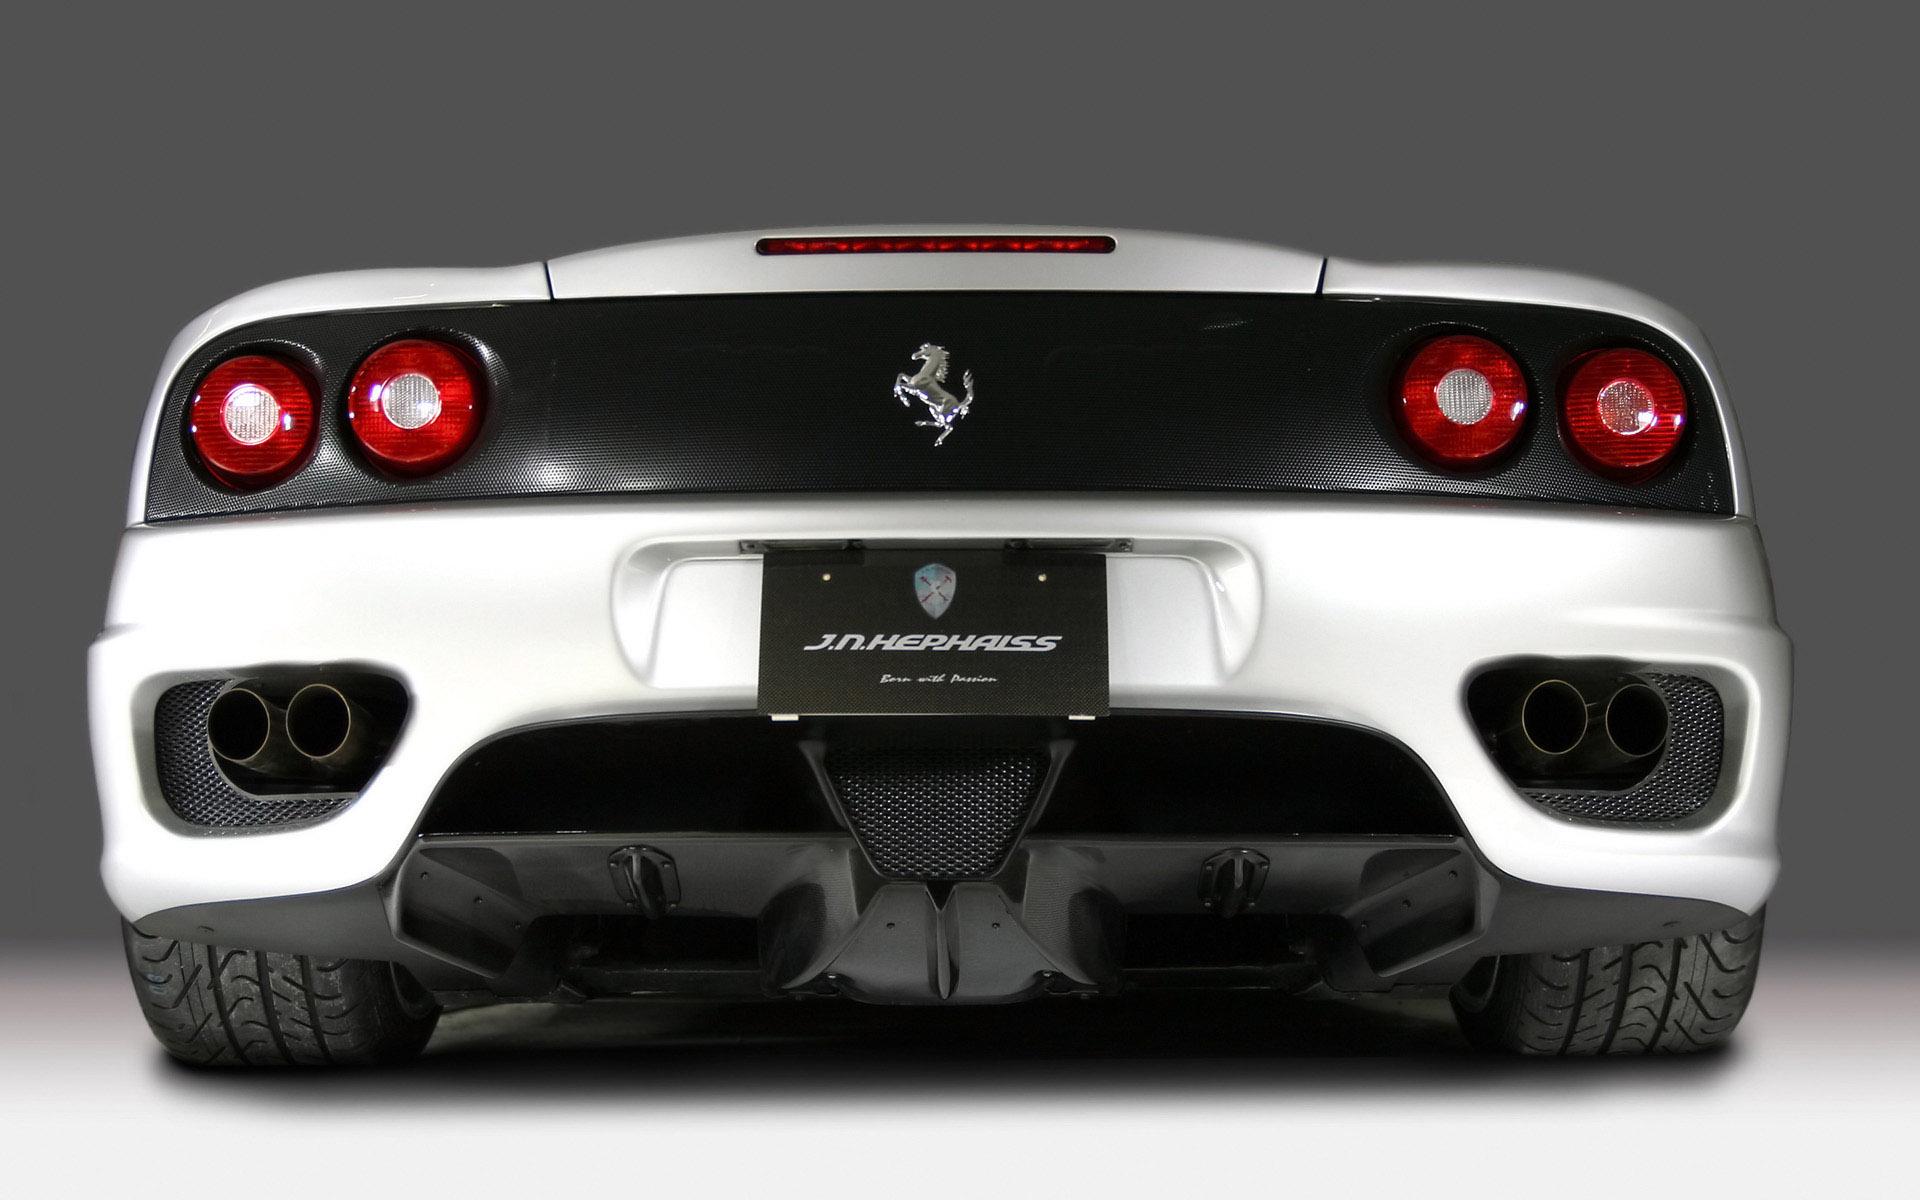 White Ferrari World Cars Wallpaper For Desktop Wallpaper